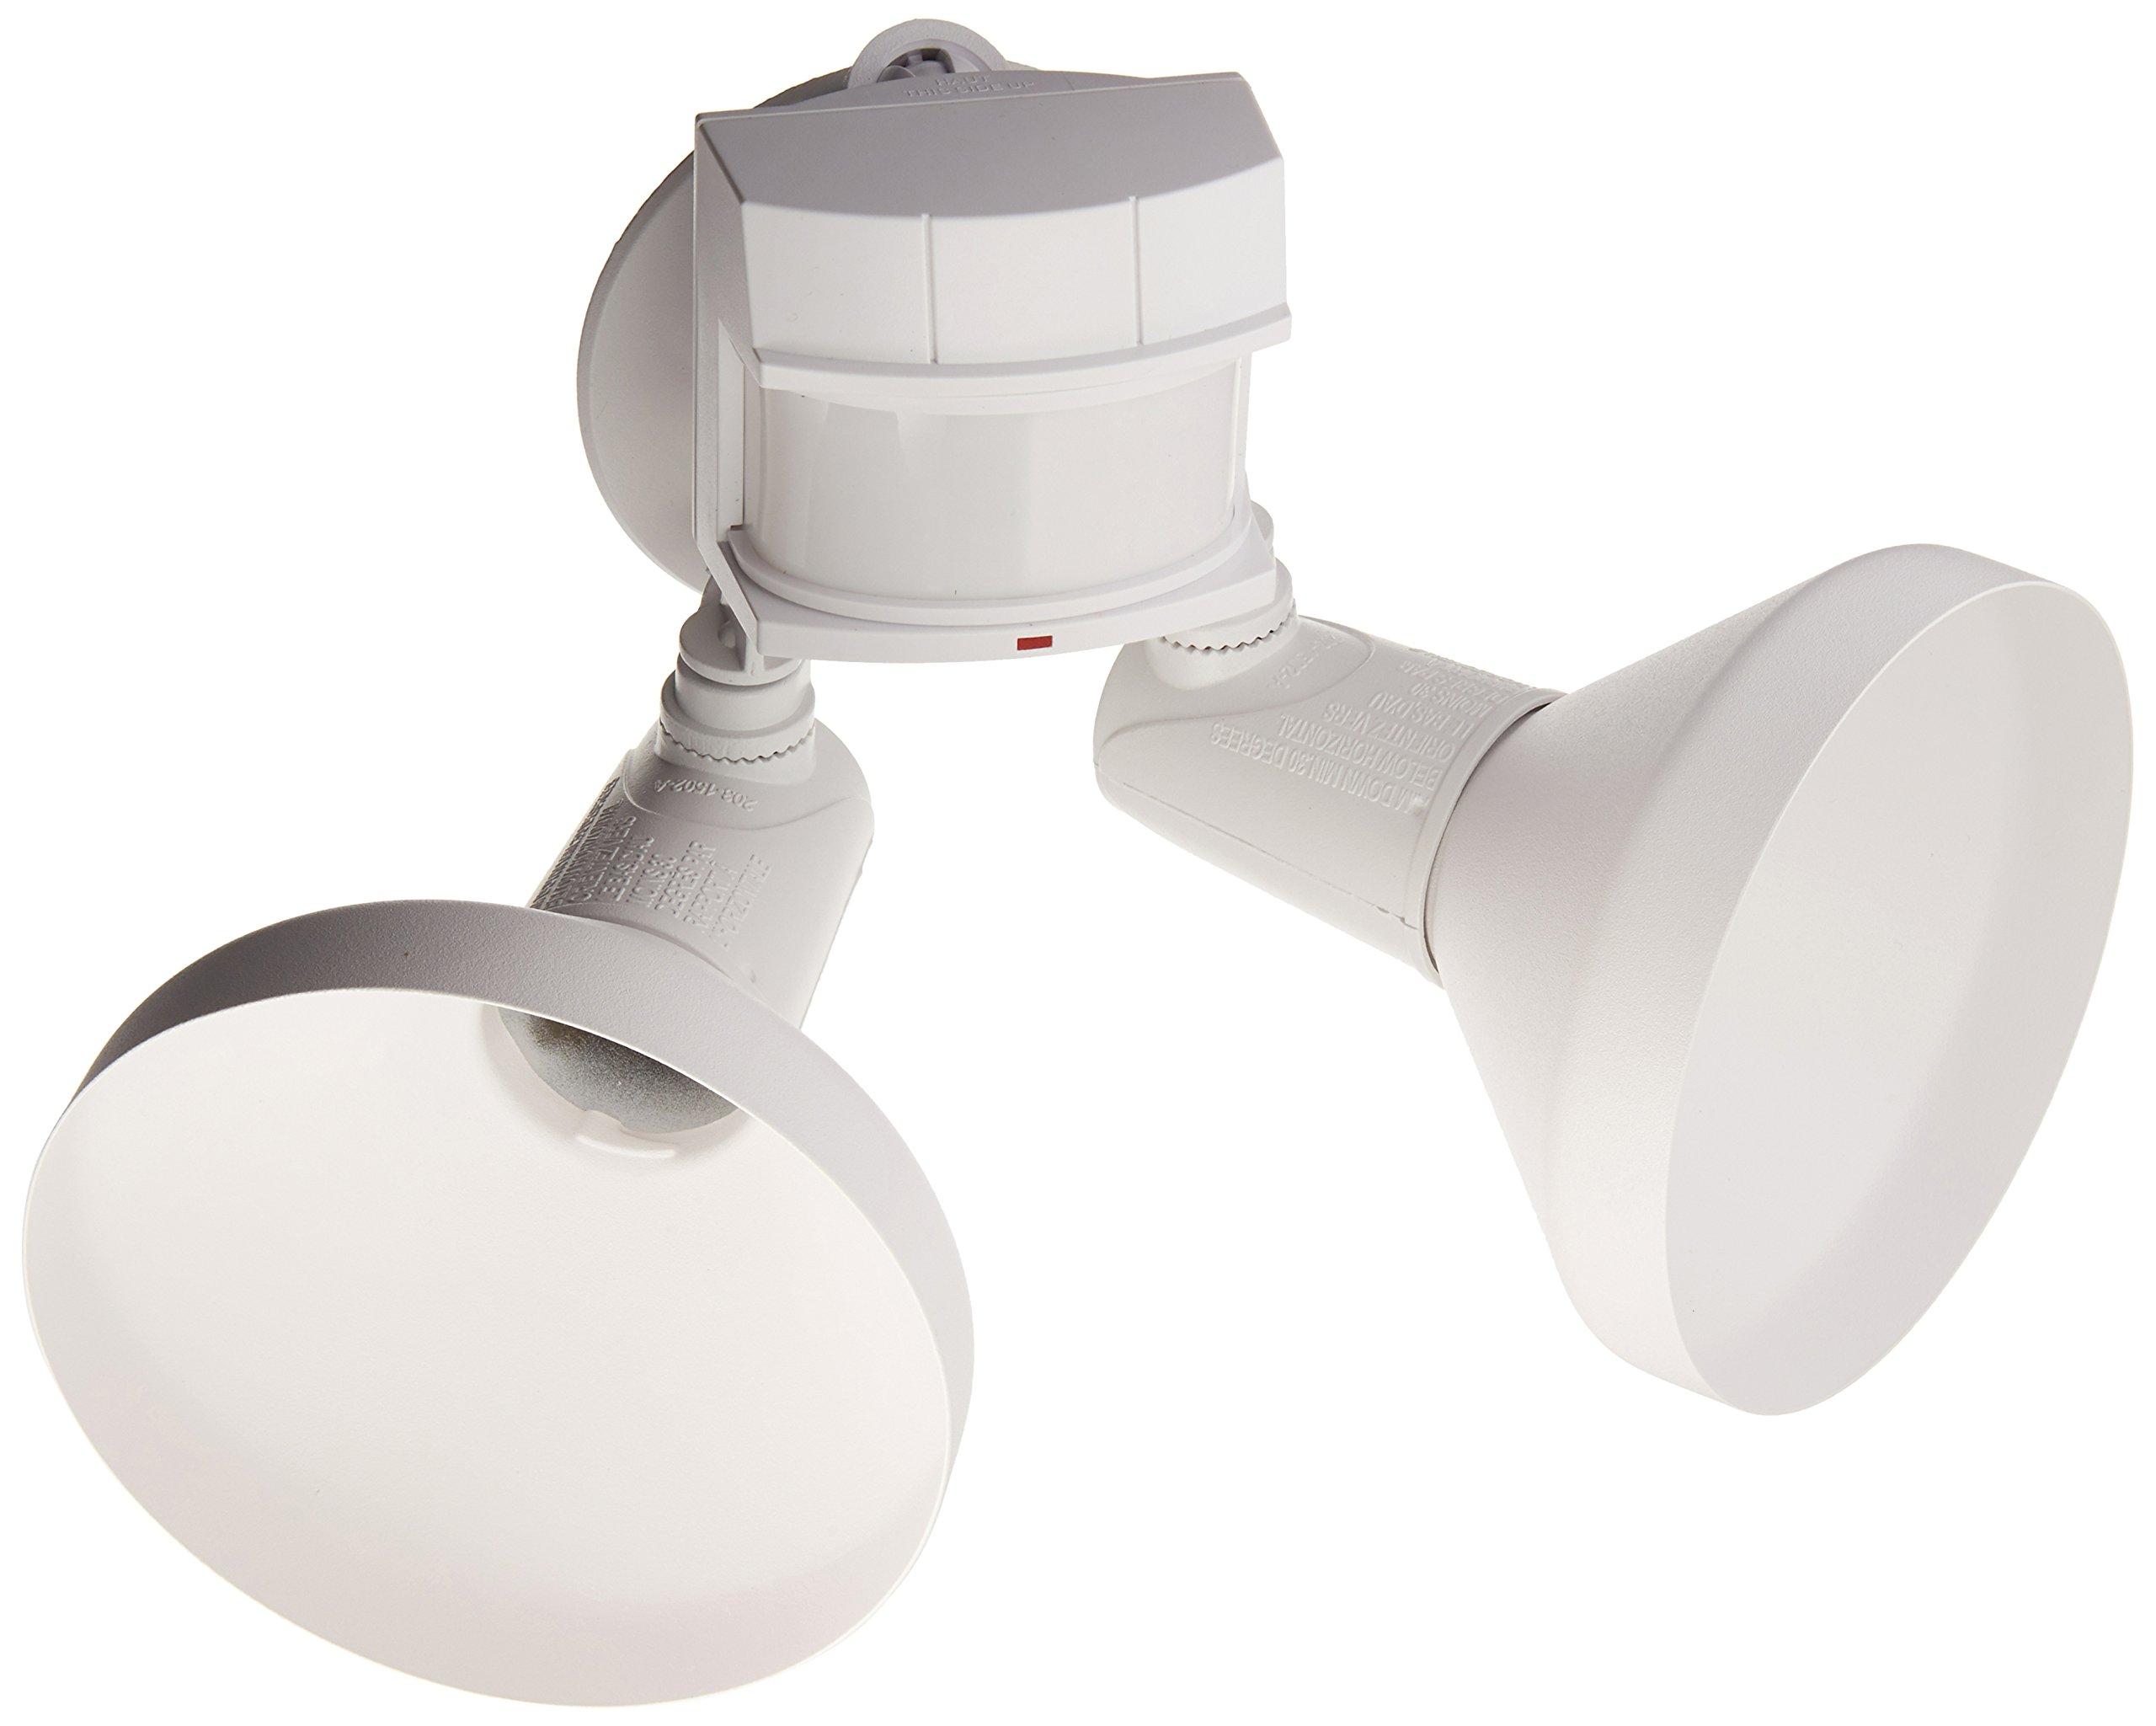 Heath Zenith HZ-5318-WH Halogen Flood Light, DualBrite Motion-Activated, White by Heath/Zenith